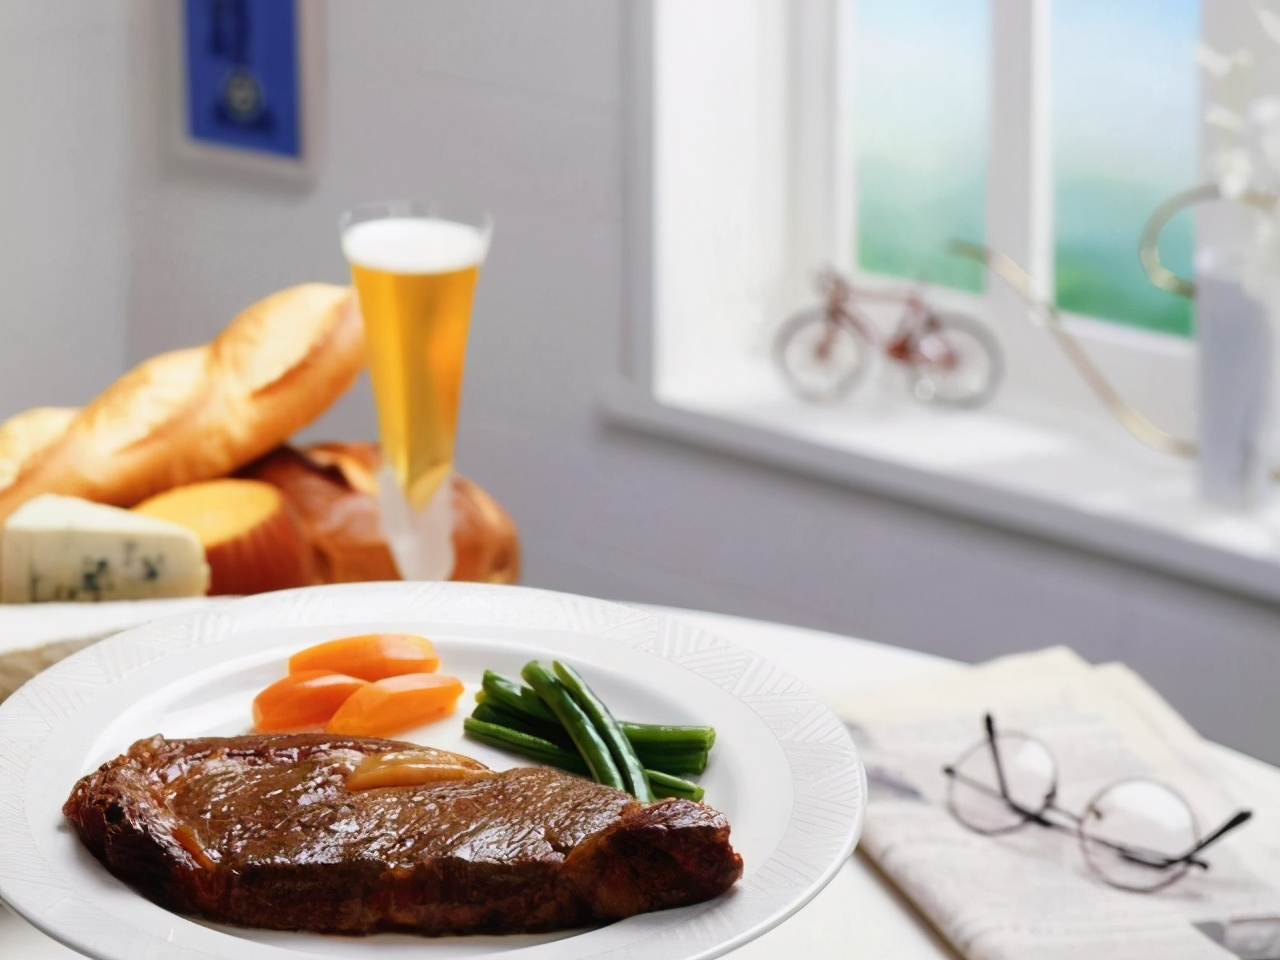 世卫组织推荐,吃五种食物,有助抵抗新冠肺炎